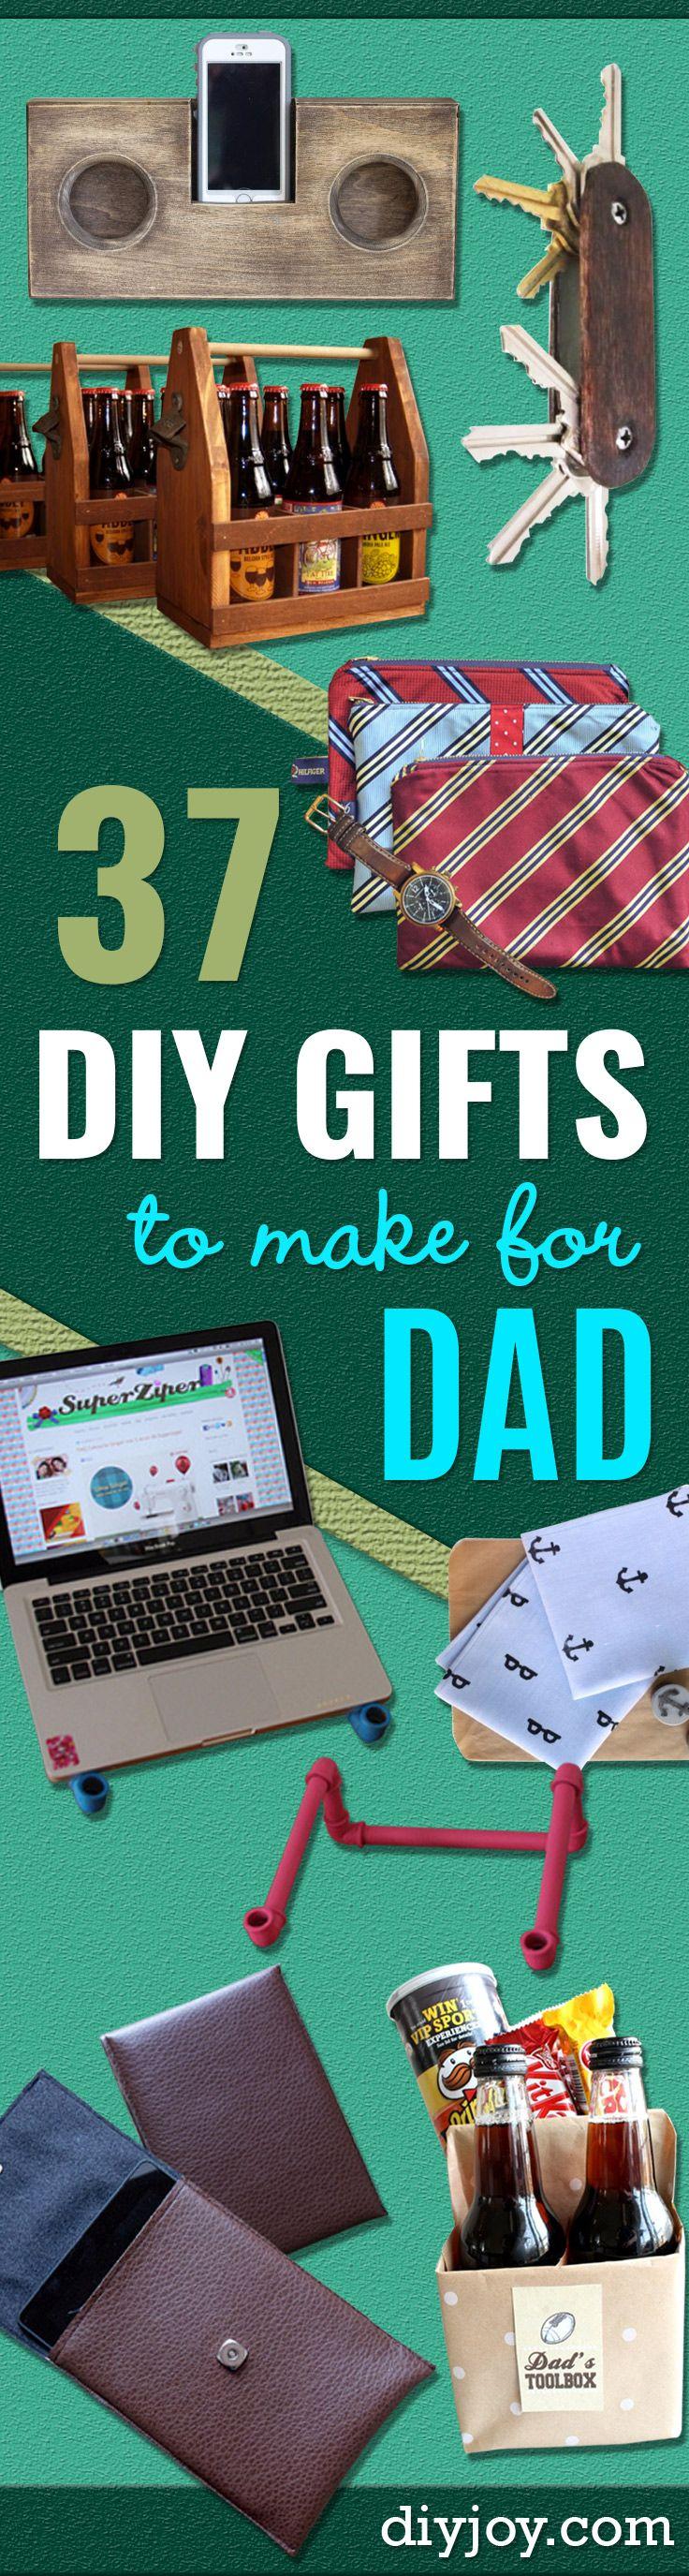 37 diy gifts to make for dad diy gifts to make diy